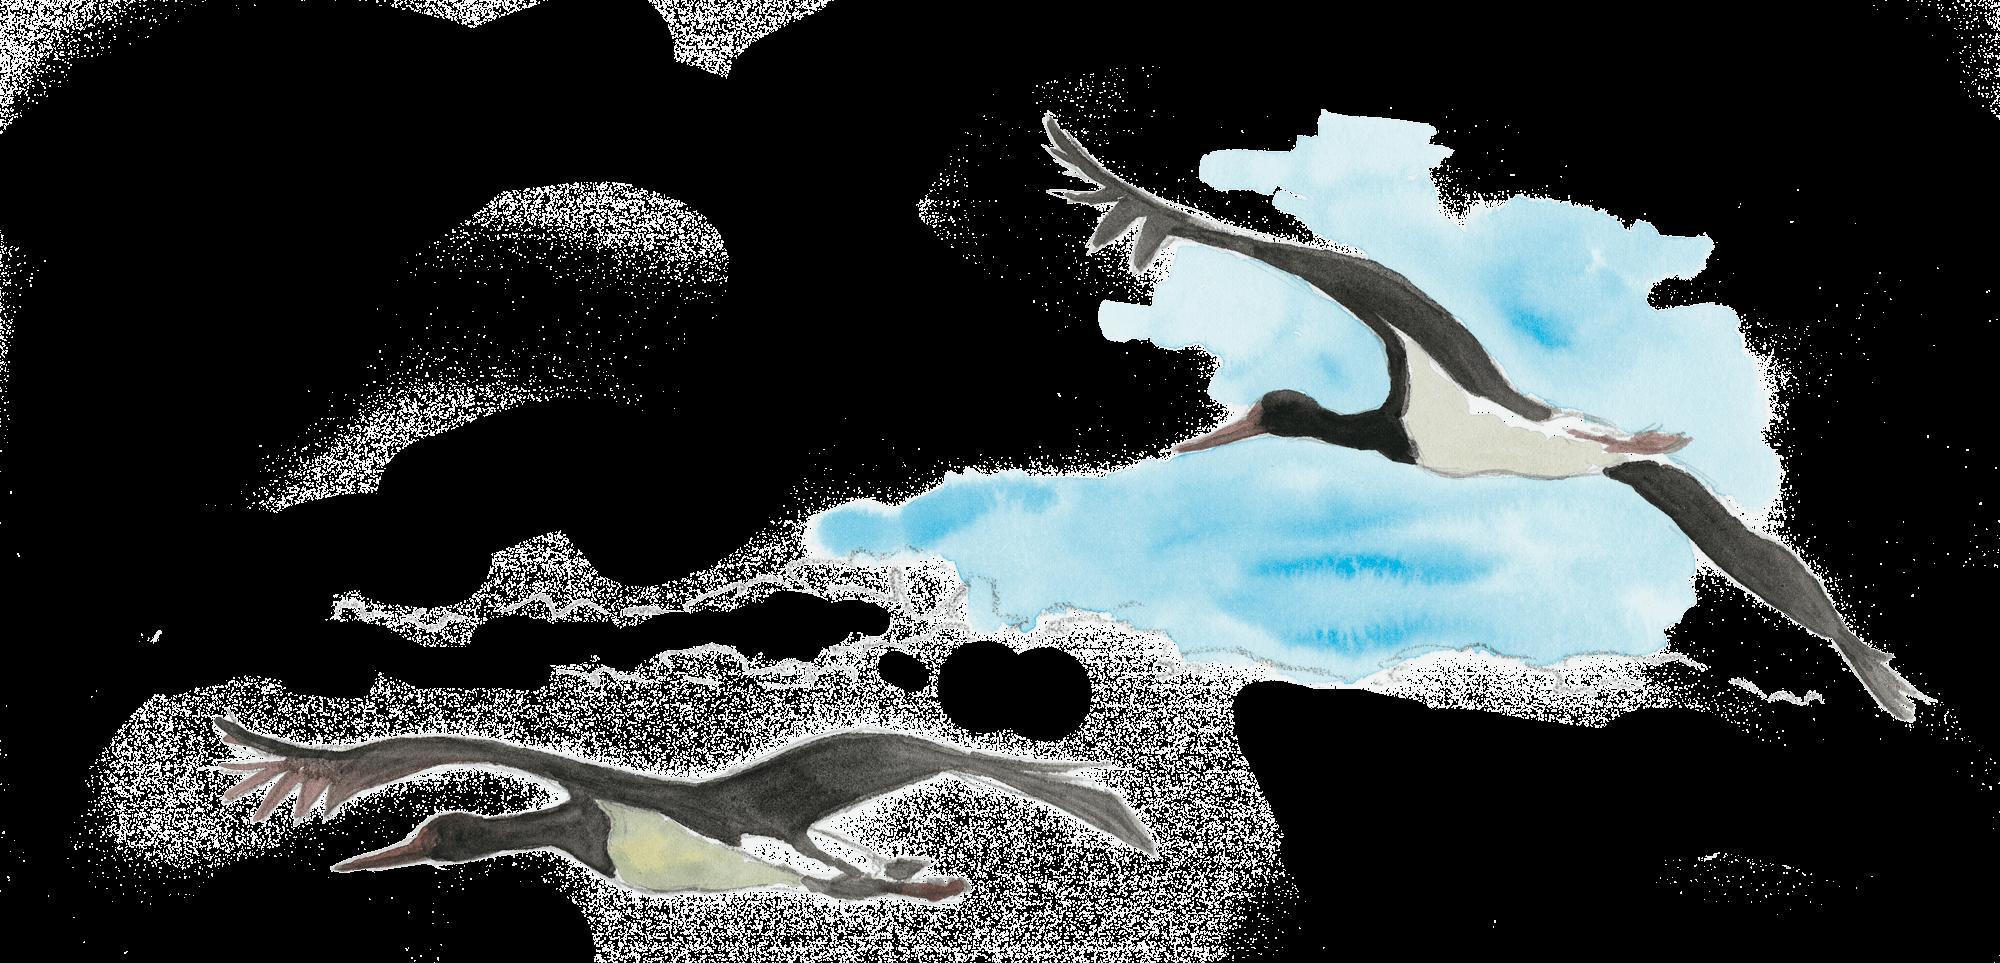 Face au donjon de la cigogne noire